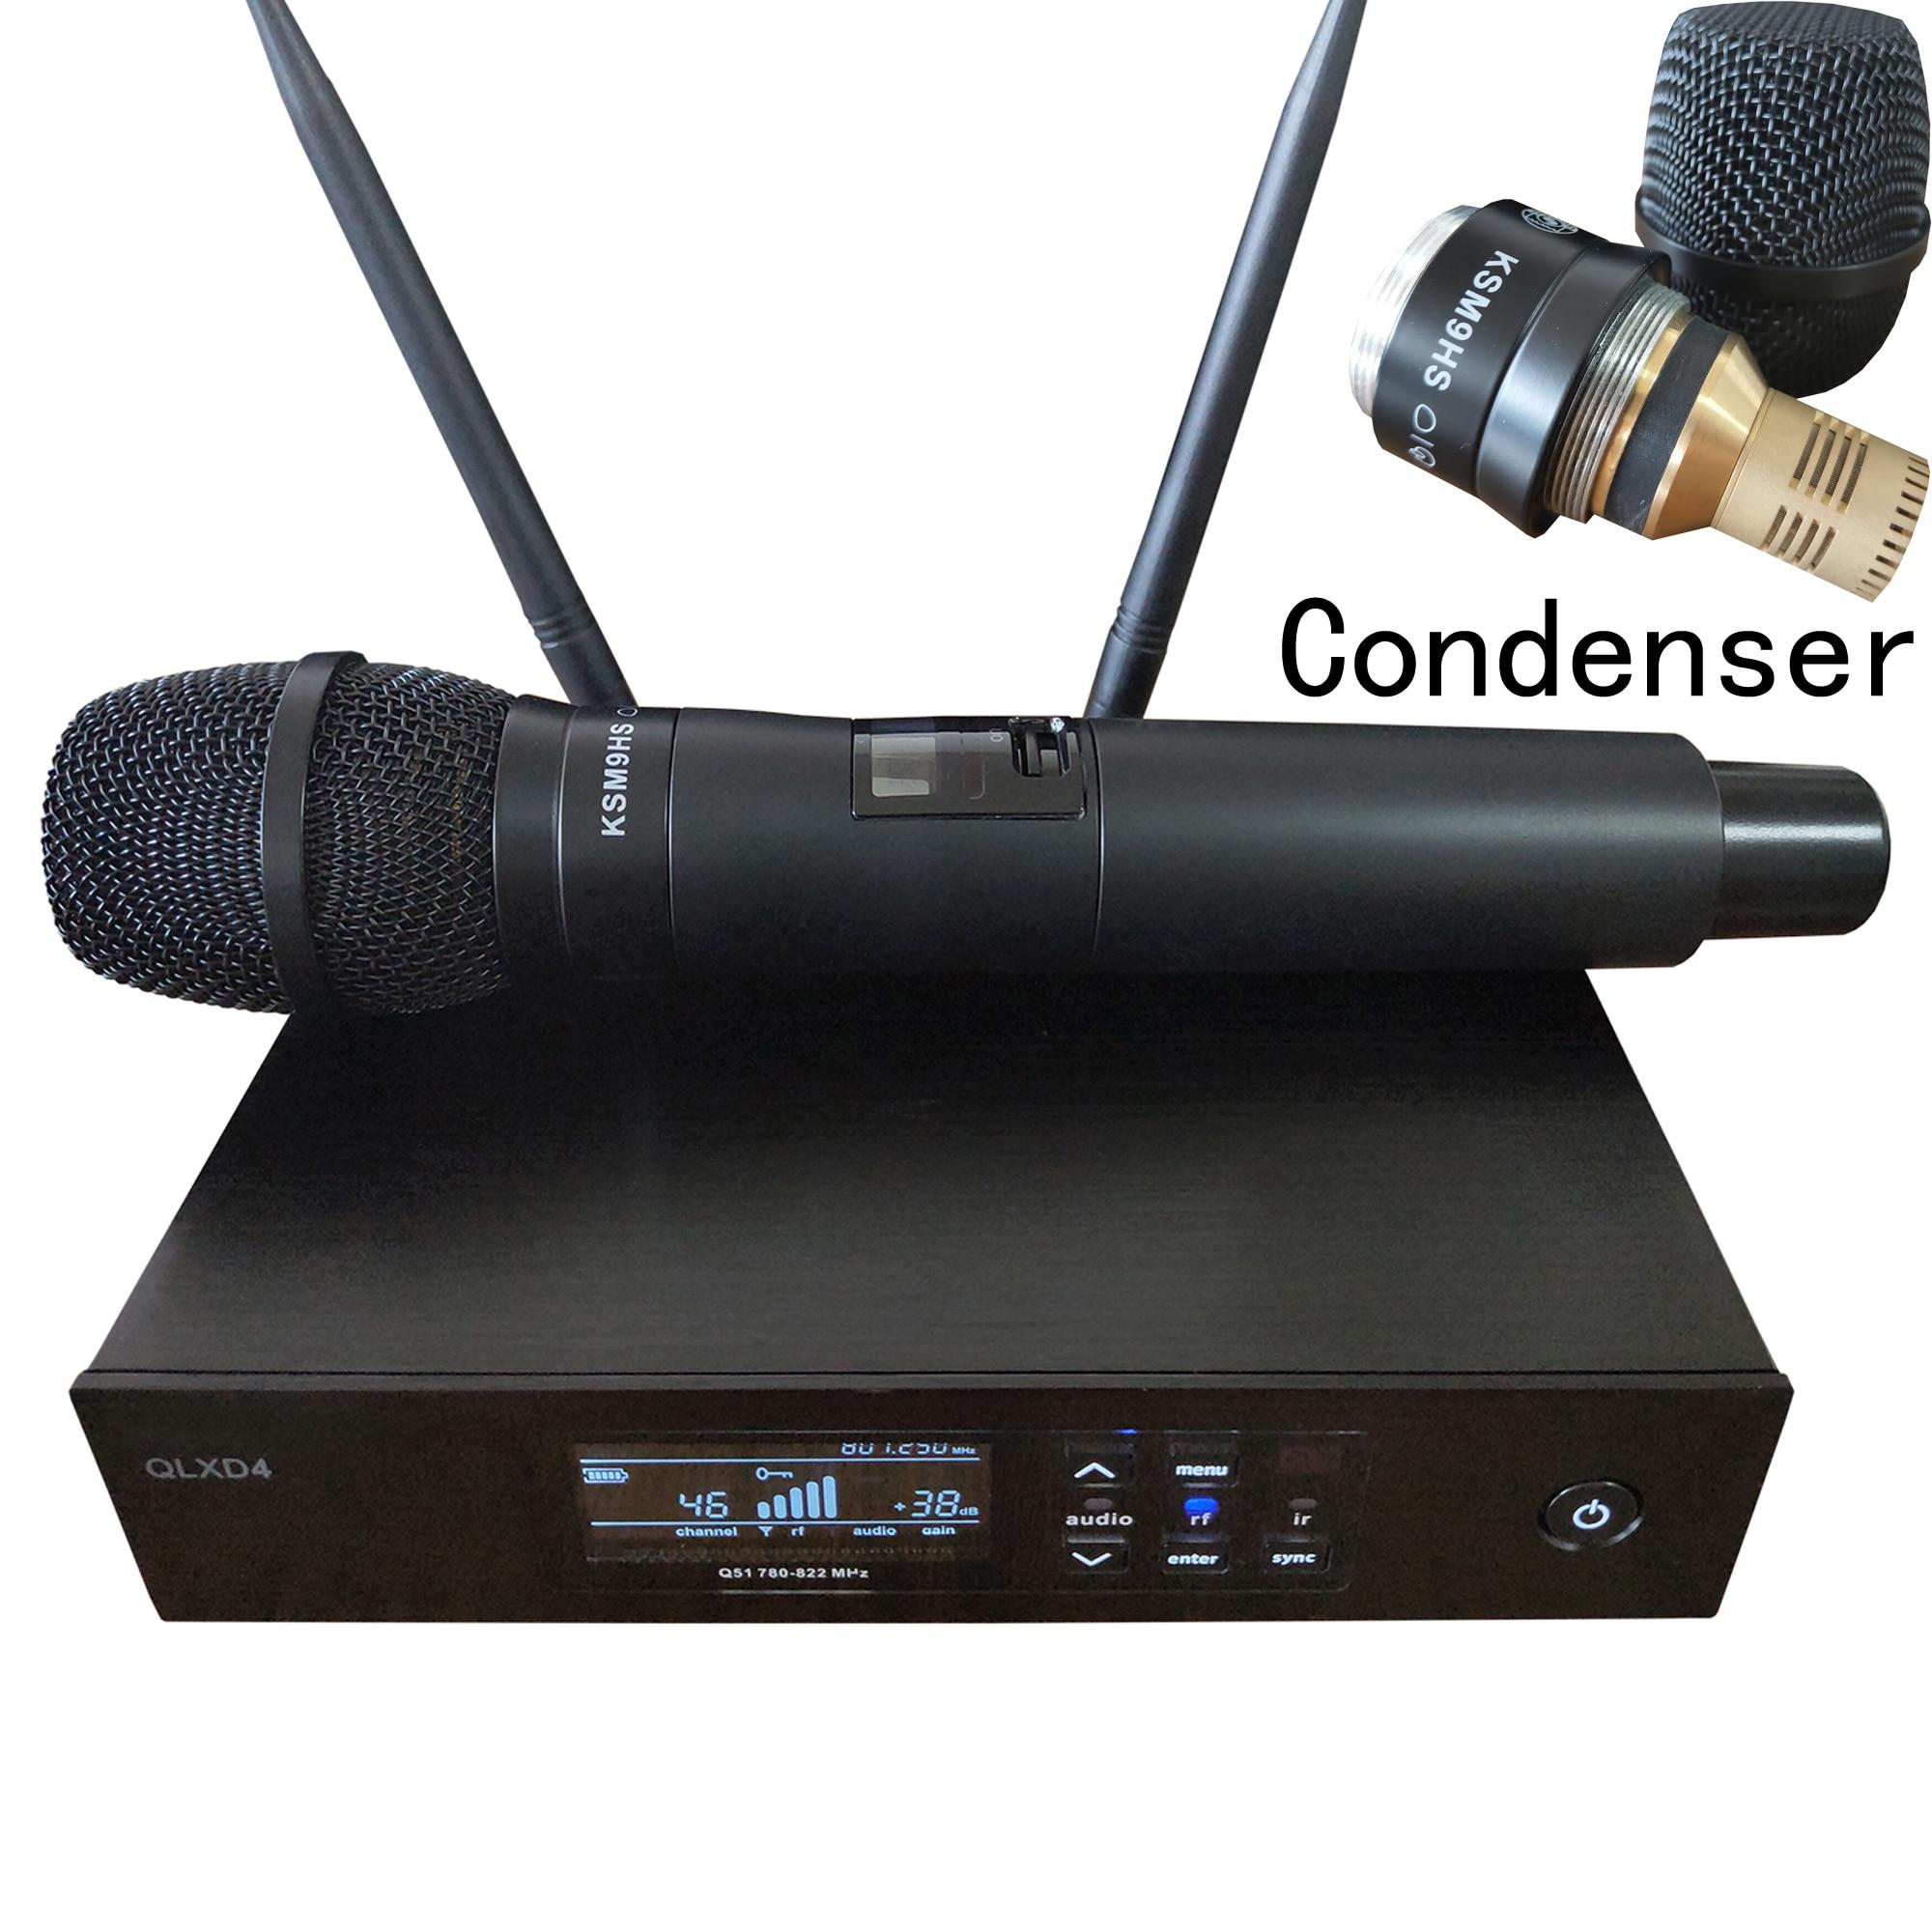 Leicozic QLXD24 SKM9 sistema con micrófono inalámbrico de mano buena condensador Microfone sem fio profesional mesa de som 628-668Mhz